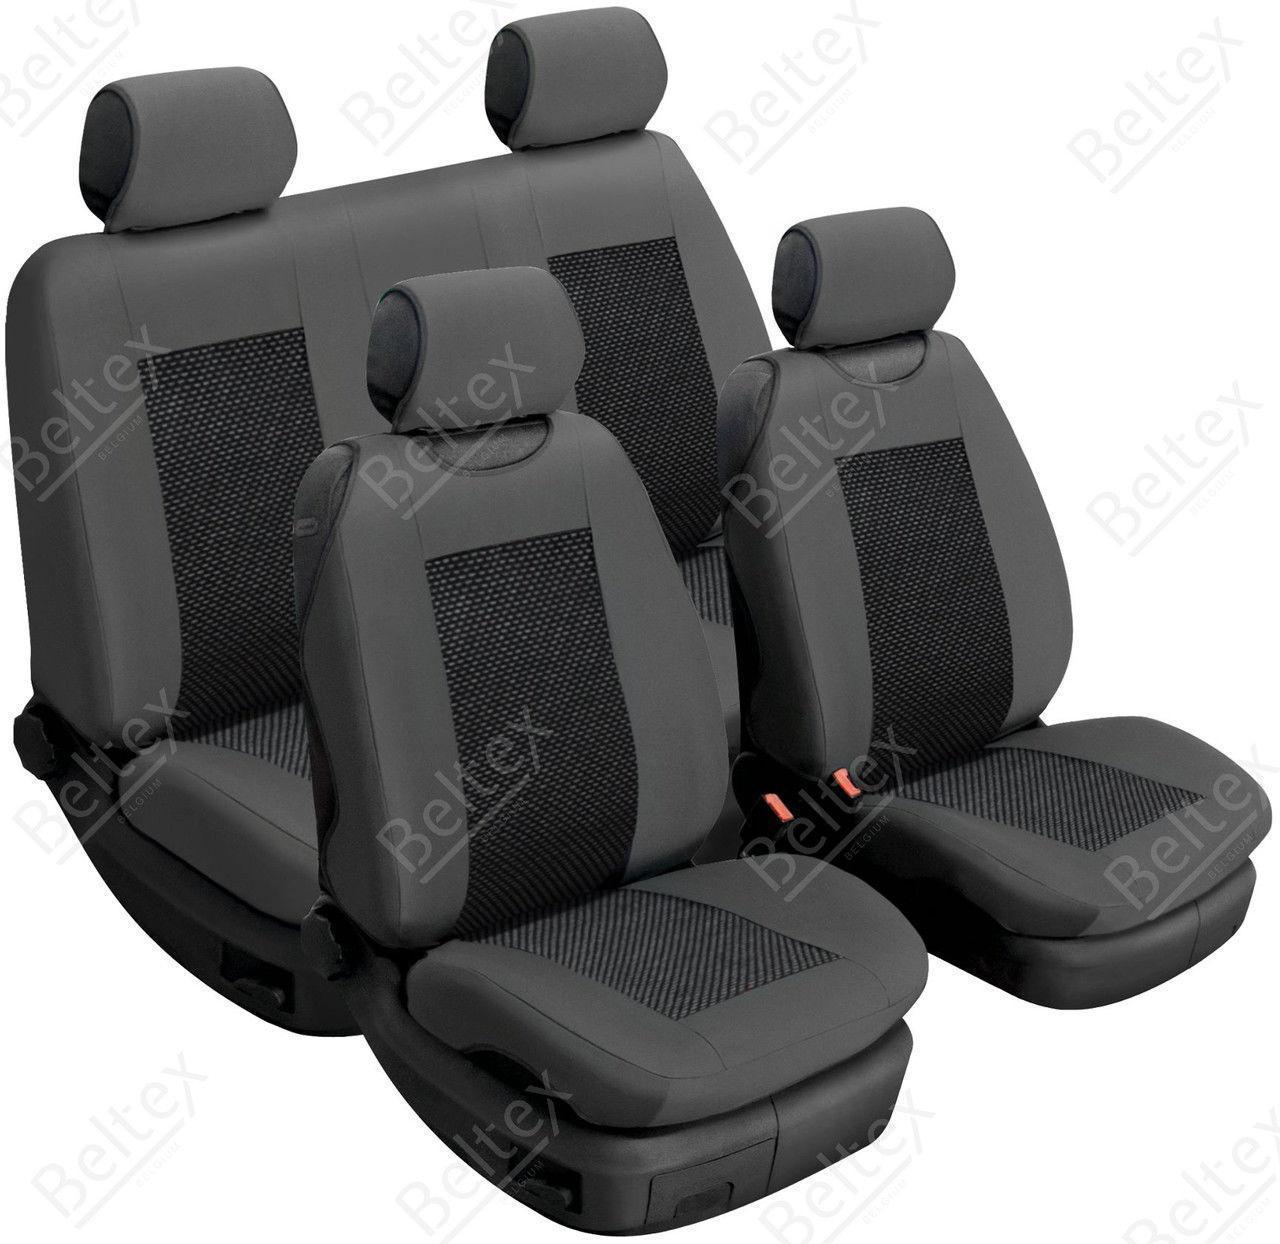 Майки/чехлы на сиденья Сеат Алтея Фритрек (Seat Altea  Freetrack), фото 1